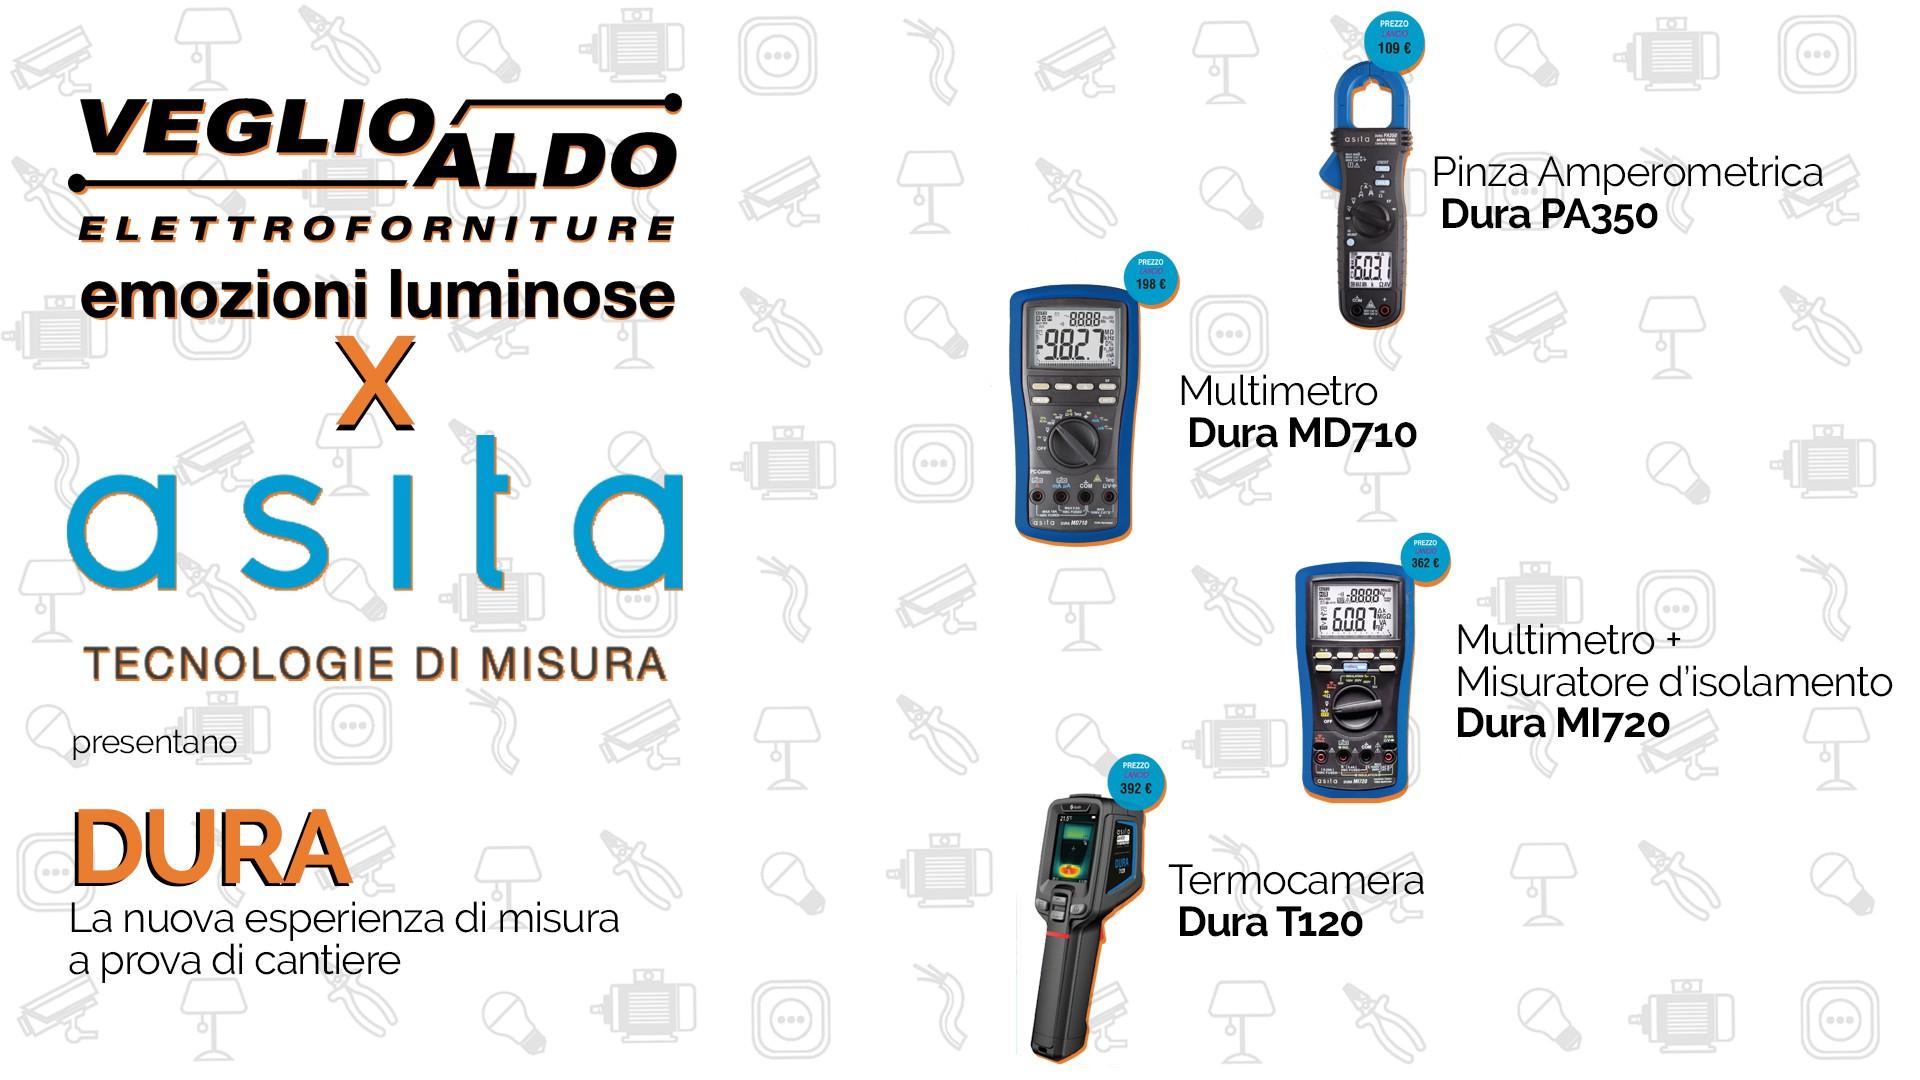 Asita: Pinza Amperometrica Dura PA350, Multimetro Dura MD710, Multimetro + Misuratore d'isolamento Dura MI720 e Termocamera Dura T120 2